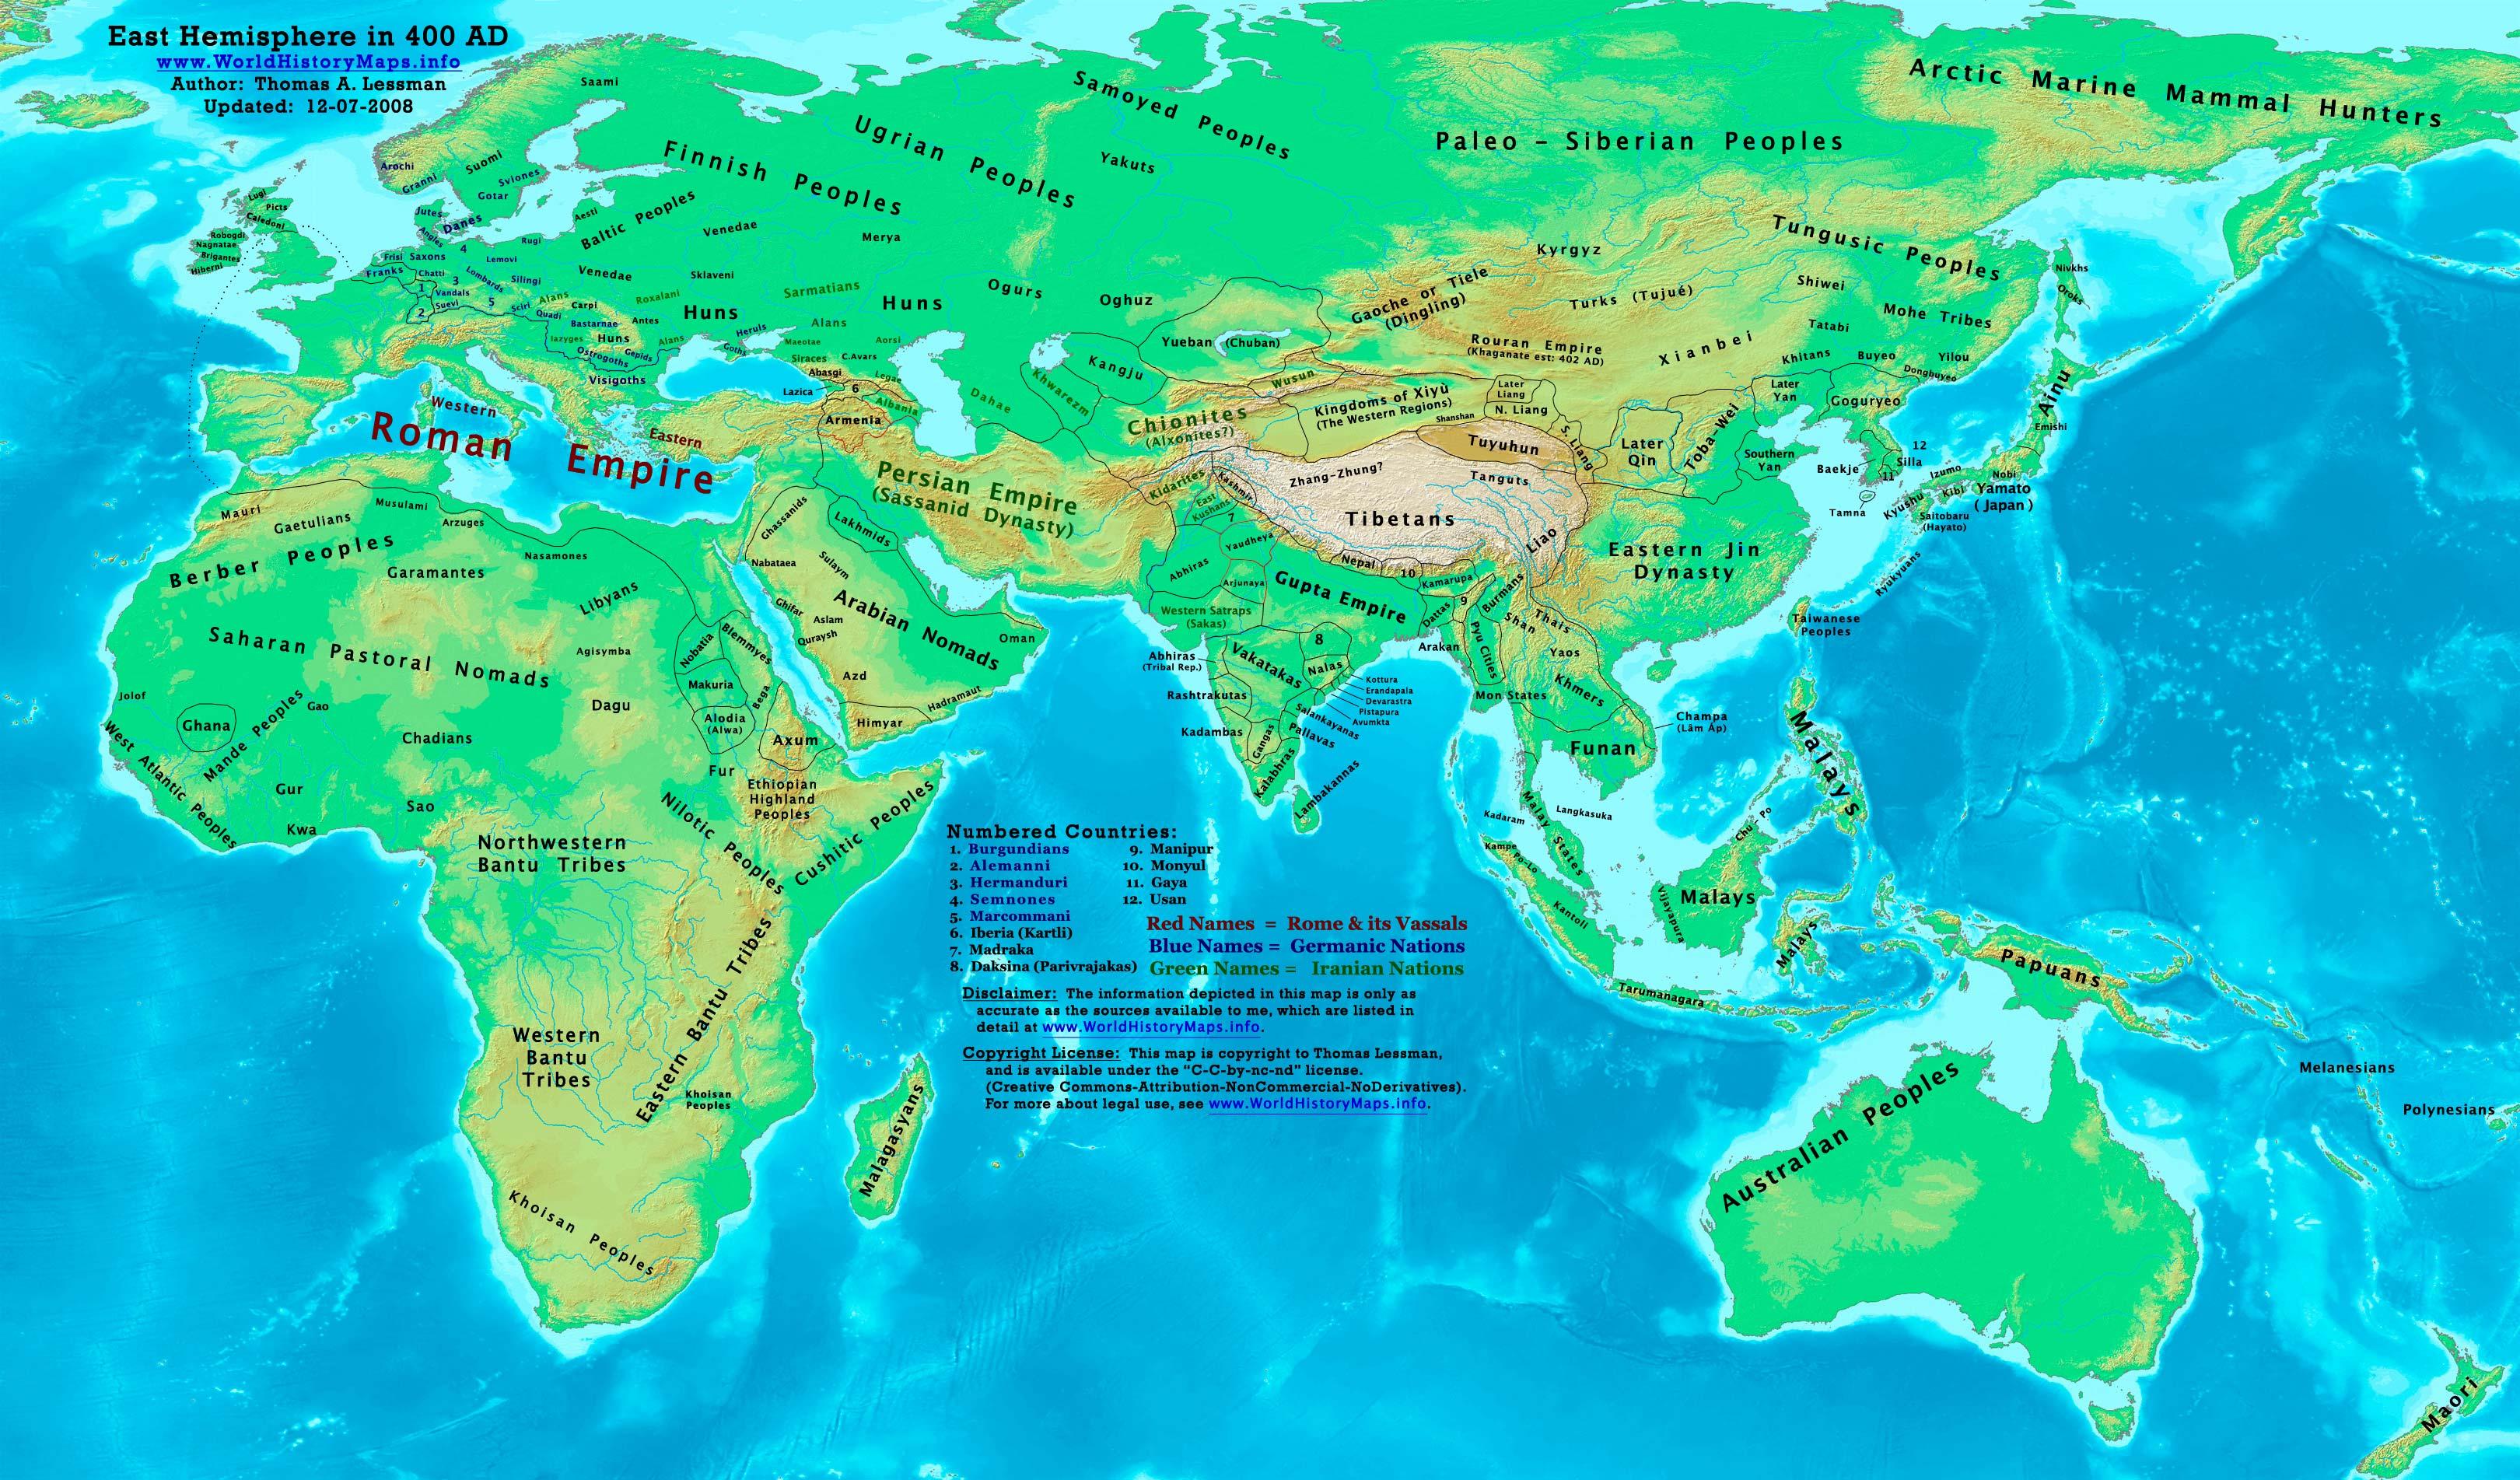 http://worldhistorymaps.info/images/East-Hem_400ad.jpg